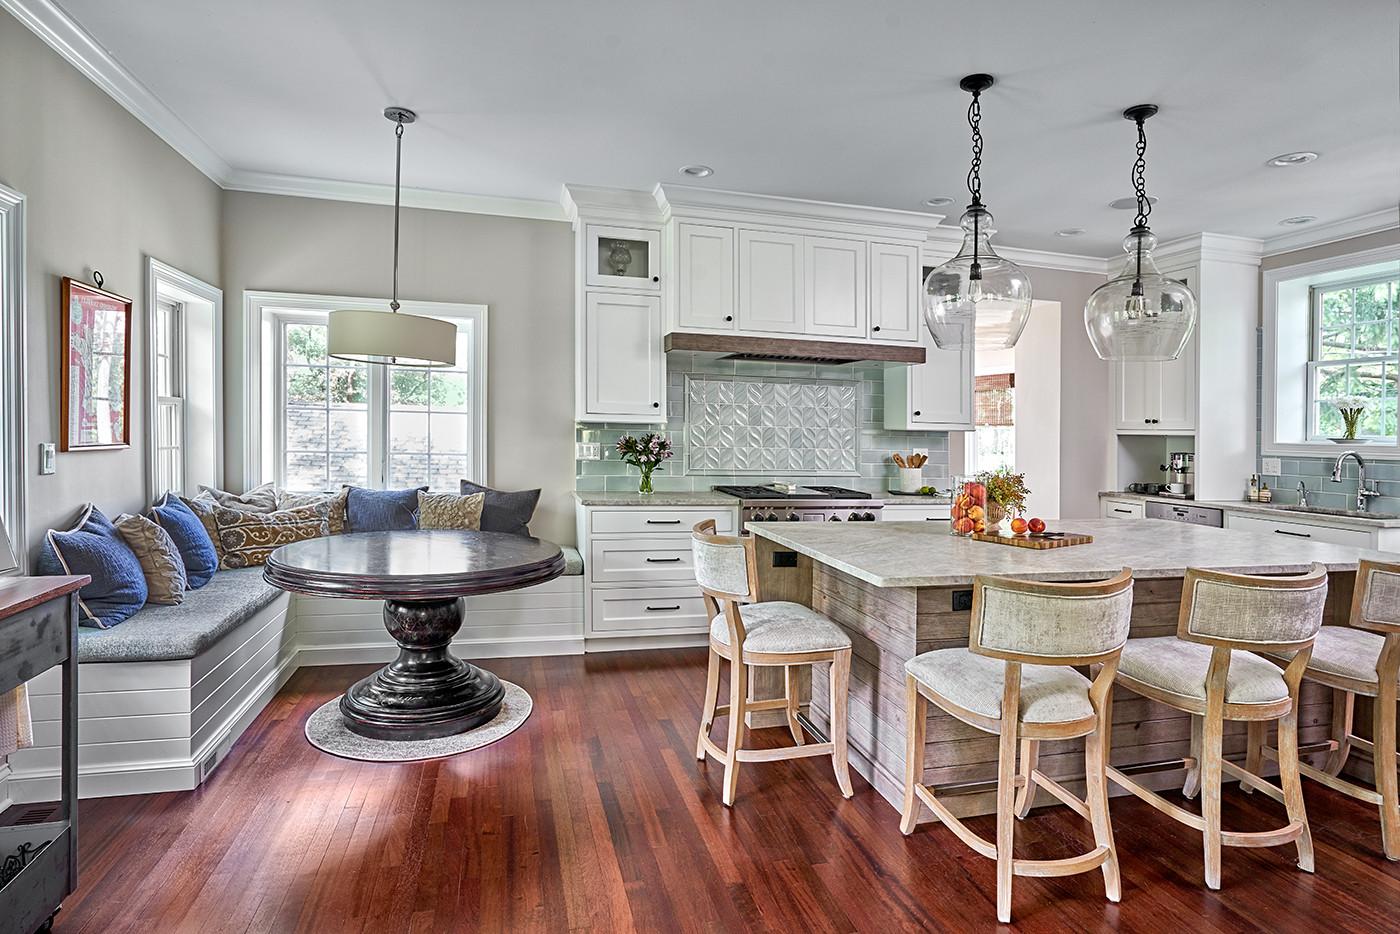 White kitchen with Unique Island